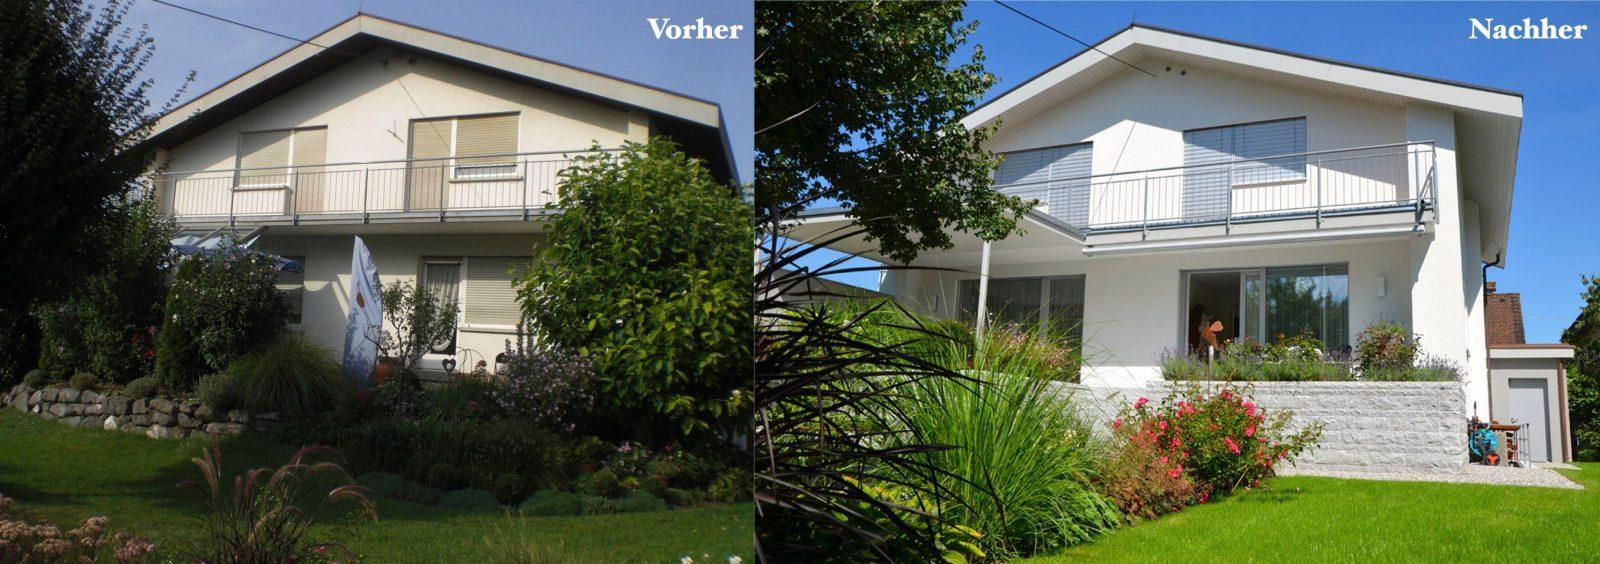 Wunderbar Haus Umbauen Vorher Nachher Awesome Altes Haus Renovieren von Altes Haus Renovieren Vorher Nachher Bild